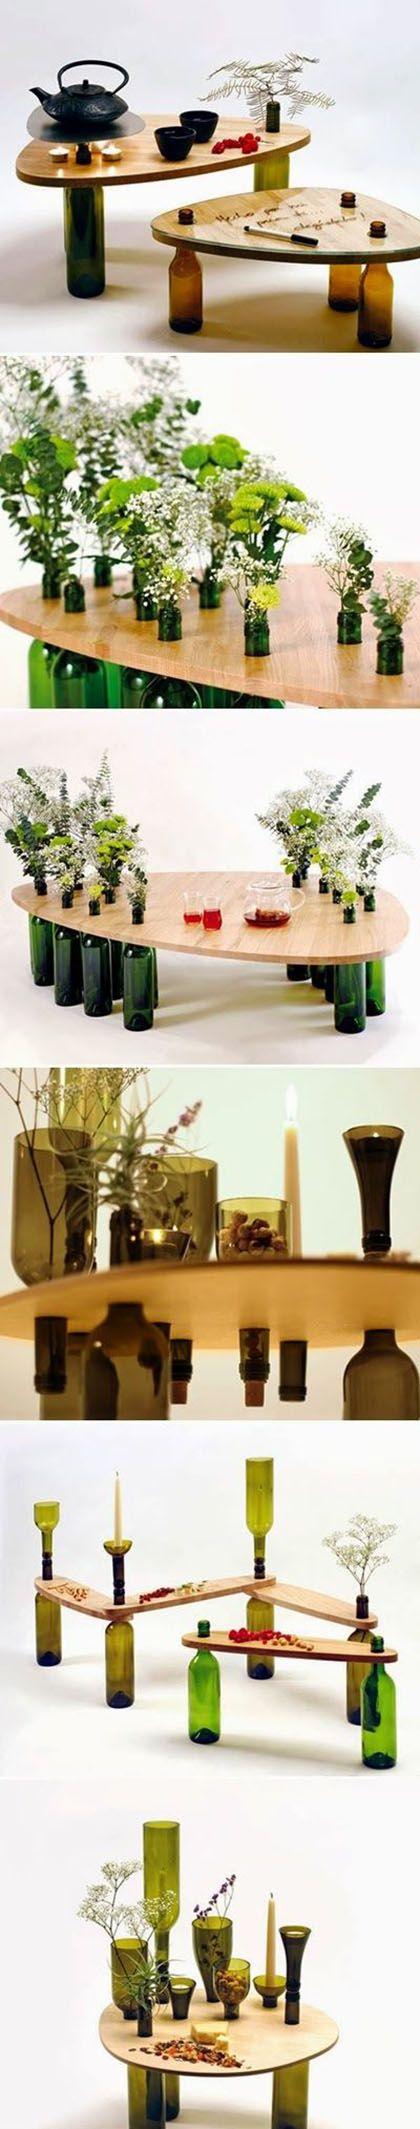 mesinhas e estantes com garrafas